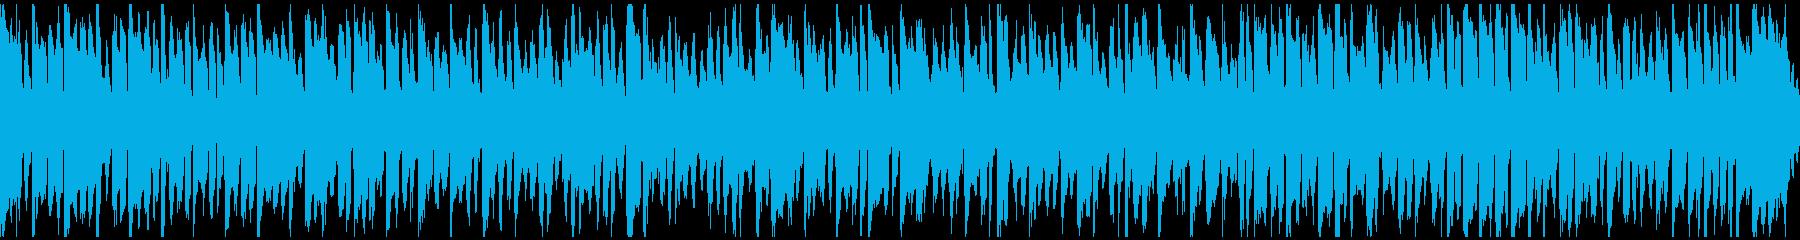 ほんわかした可愛い日常BGM ※ループ版の再生済みの波形